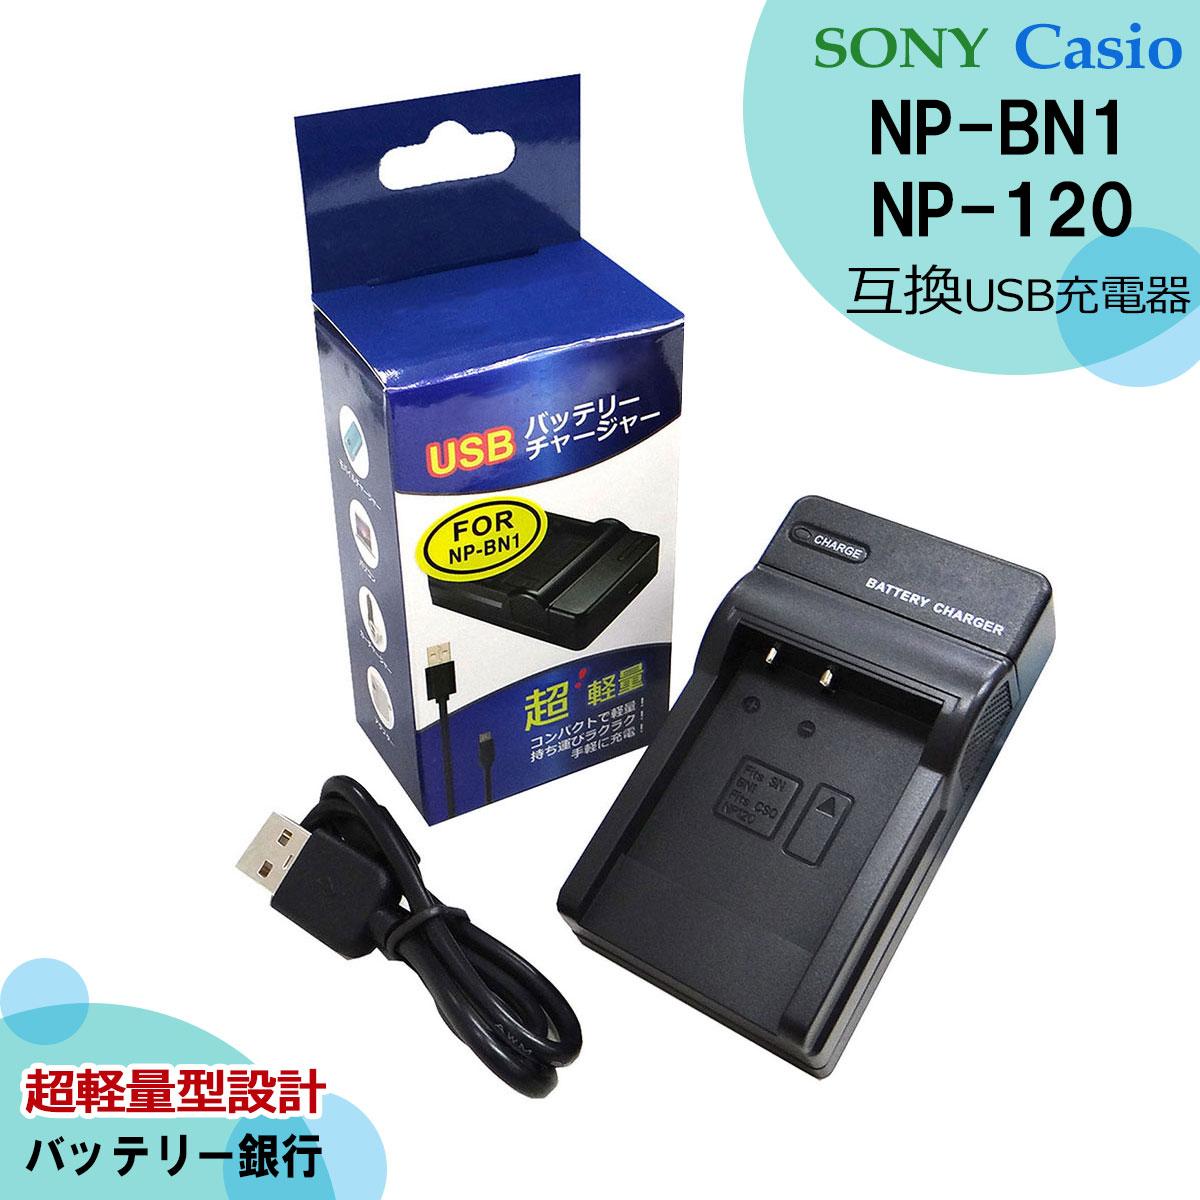 【あす楽対応】SONY ソニー / CASIO カシオ ● NP-BN1 / NP-120 急速互換USB充電器 バッテリーチャージャー BC-TRX / BC-TRN / BC-TRN2 / BC-120L ● 純正・互換バッテリー共に充電可能 ● DSC-TX300V / DSC-TX66 / DSC-TX20 / DSC-W550 / DSC-WX50